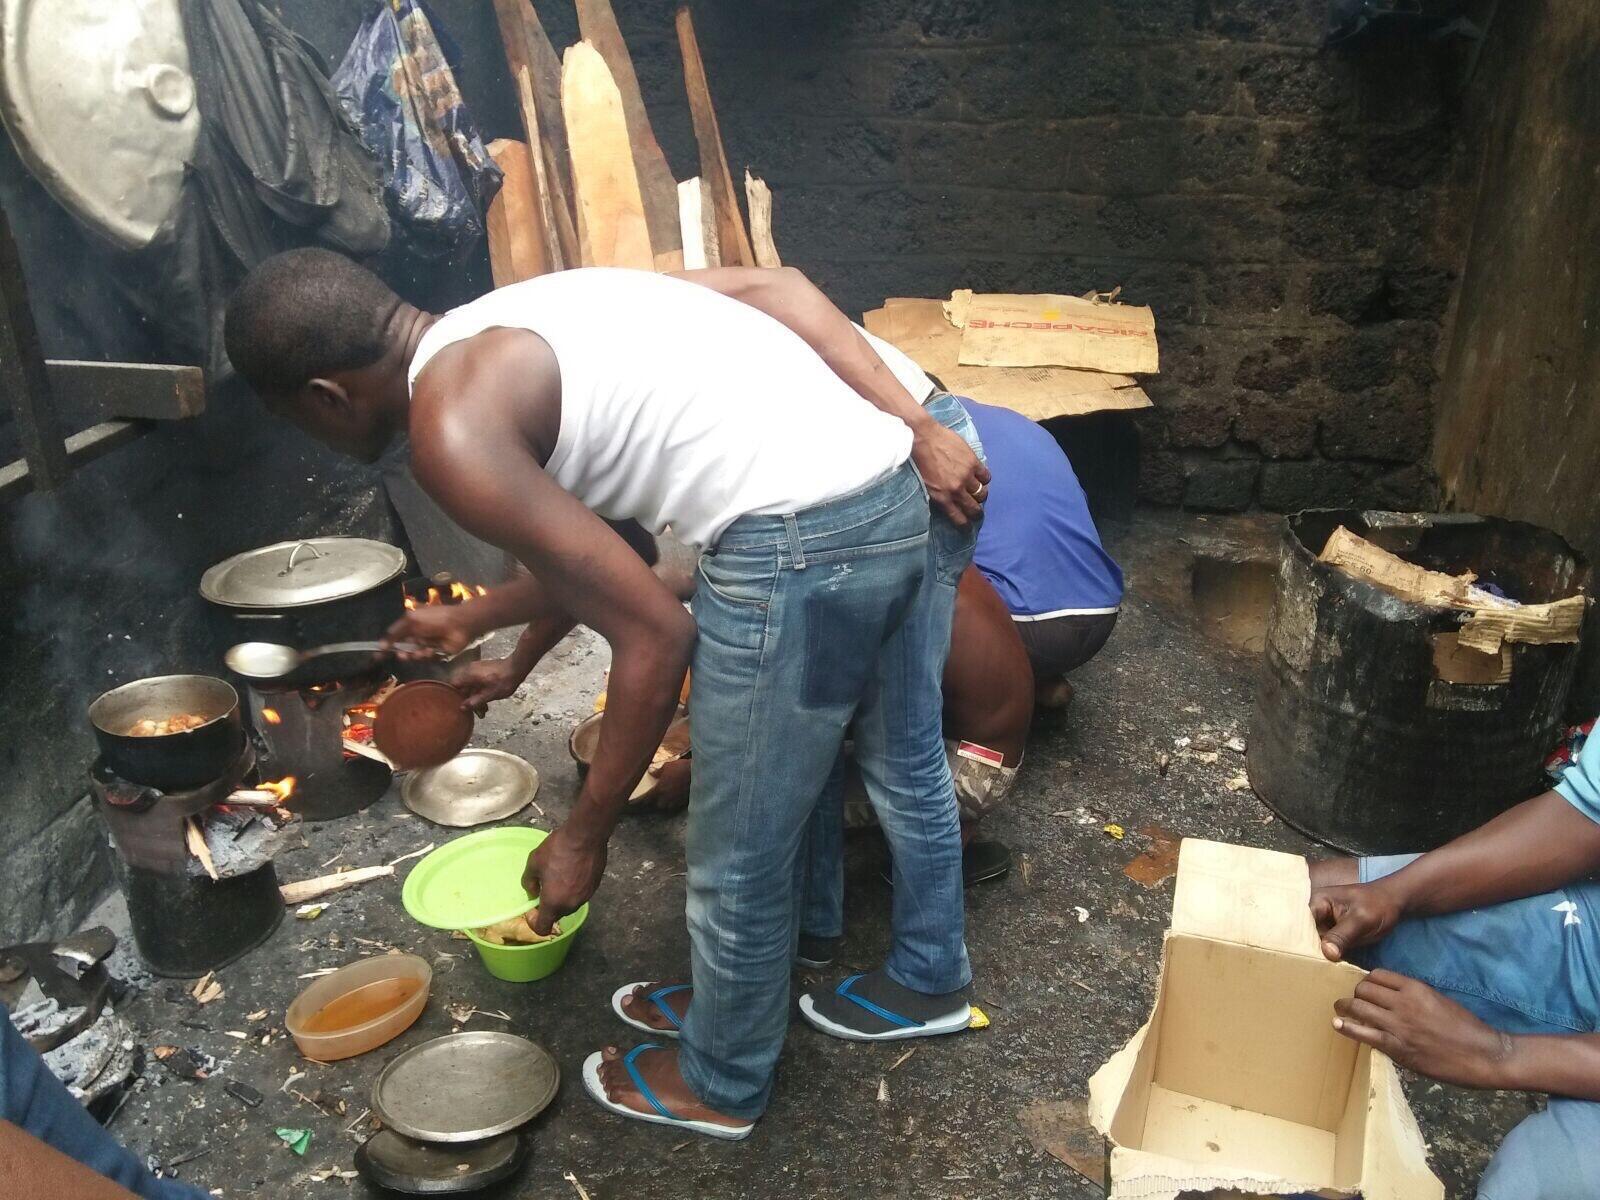 Des détenus font la cuisine dans la prison de Libreville au Gabon. Photo envoyée par notre Observateur.